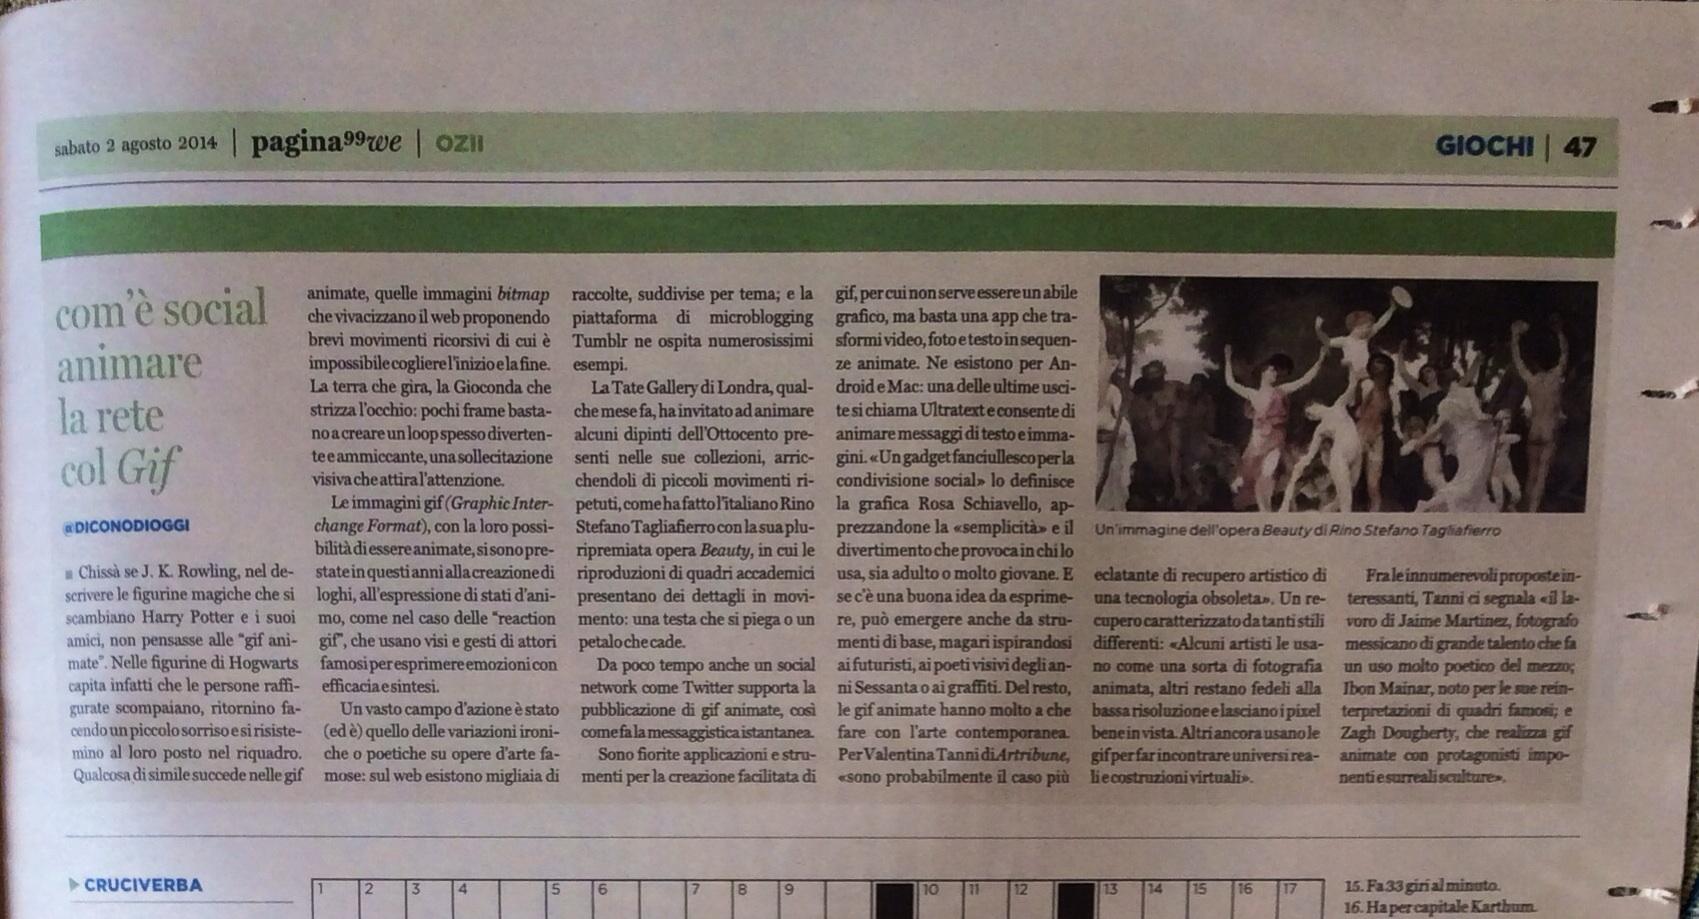 2014 / Pagina 99